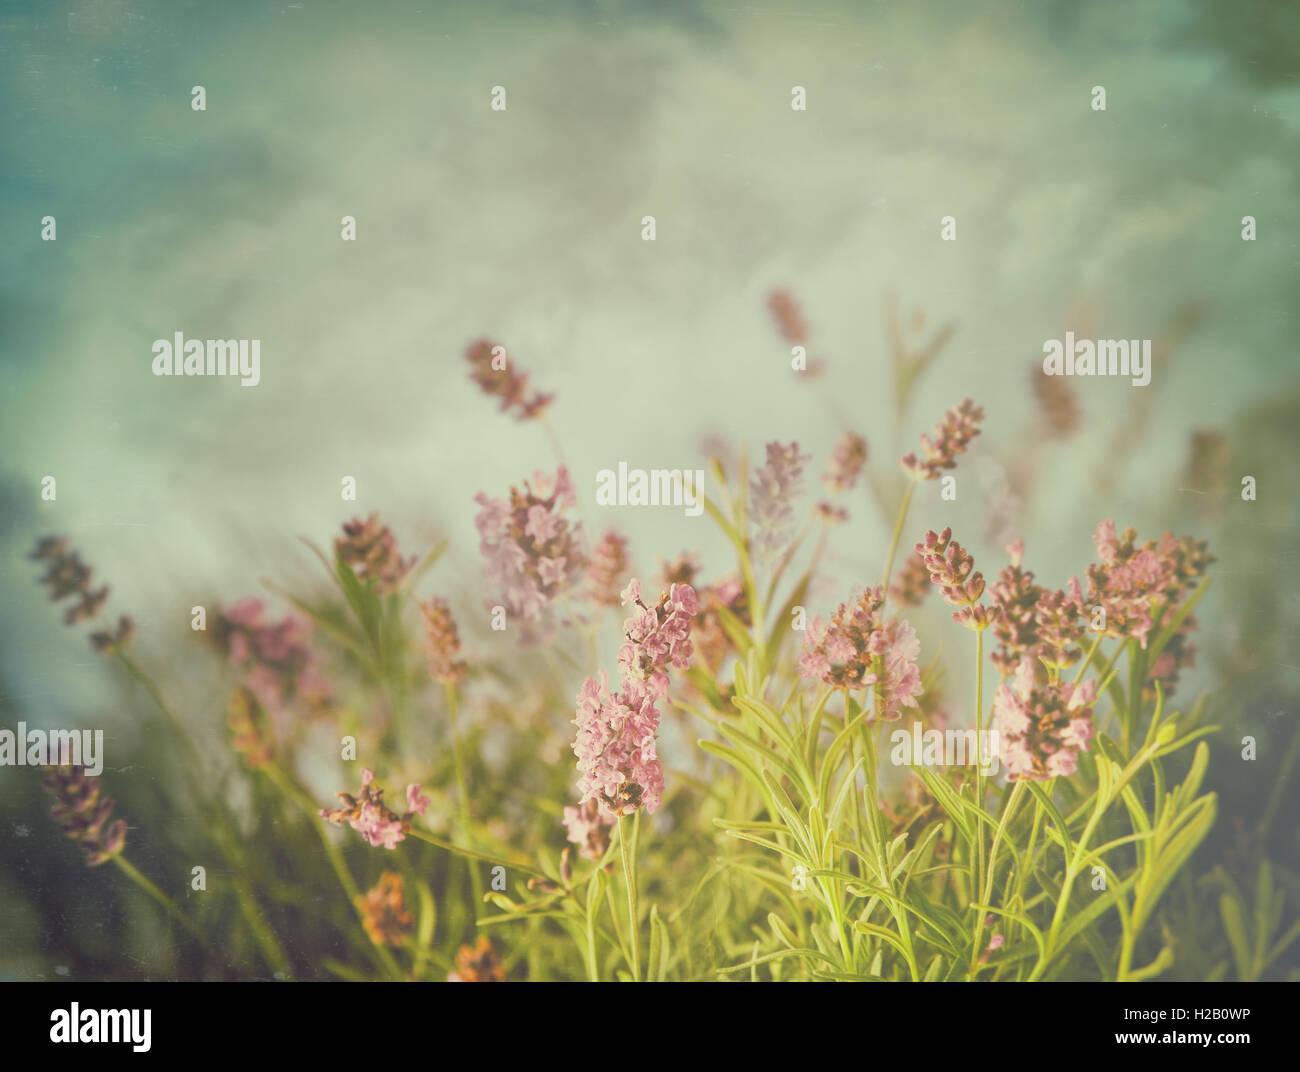 Fleurs de Lavande avec des filtres de couleur vintage Banque D'Images